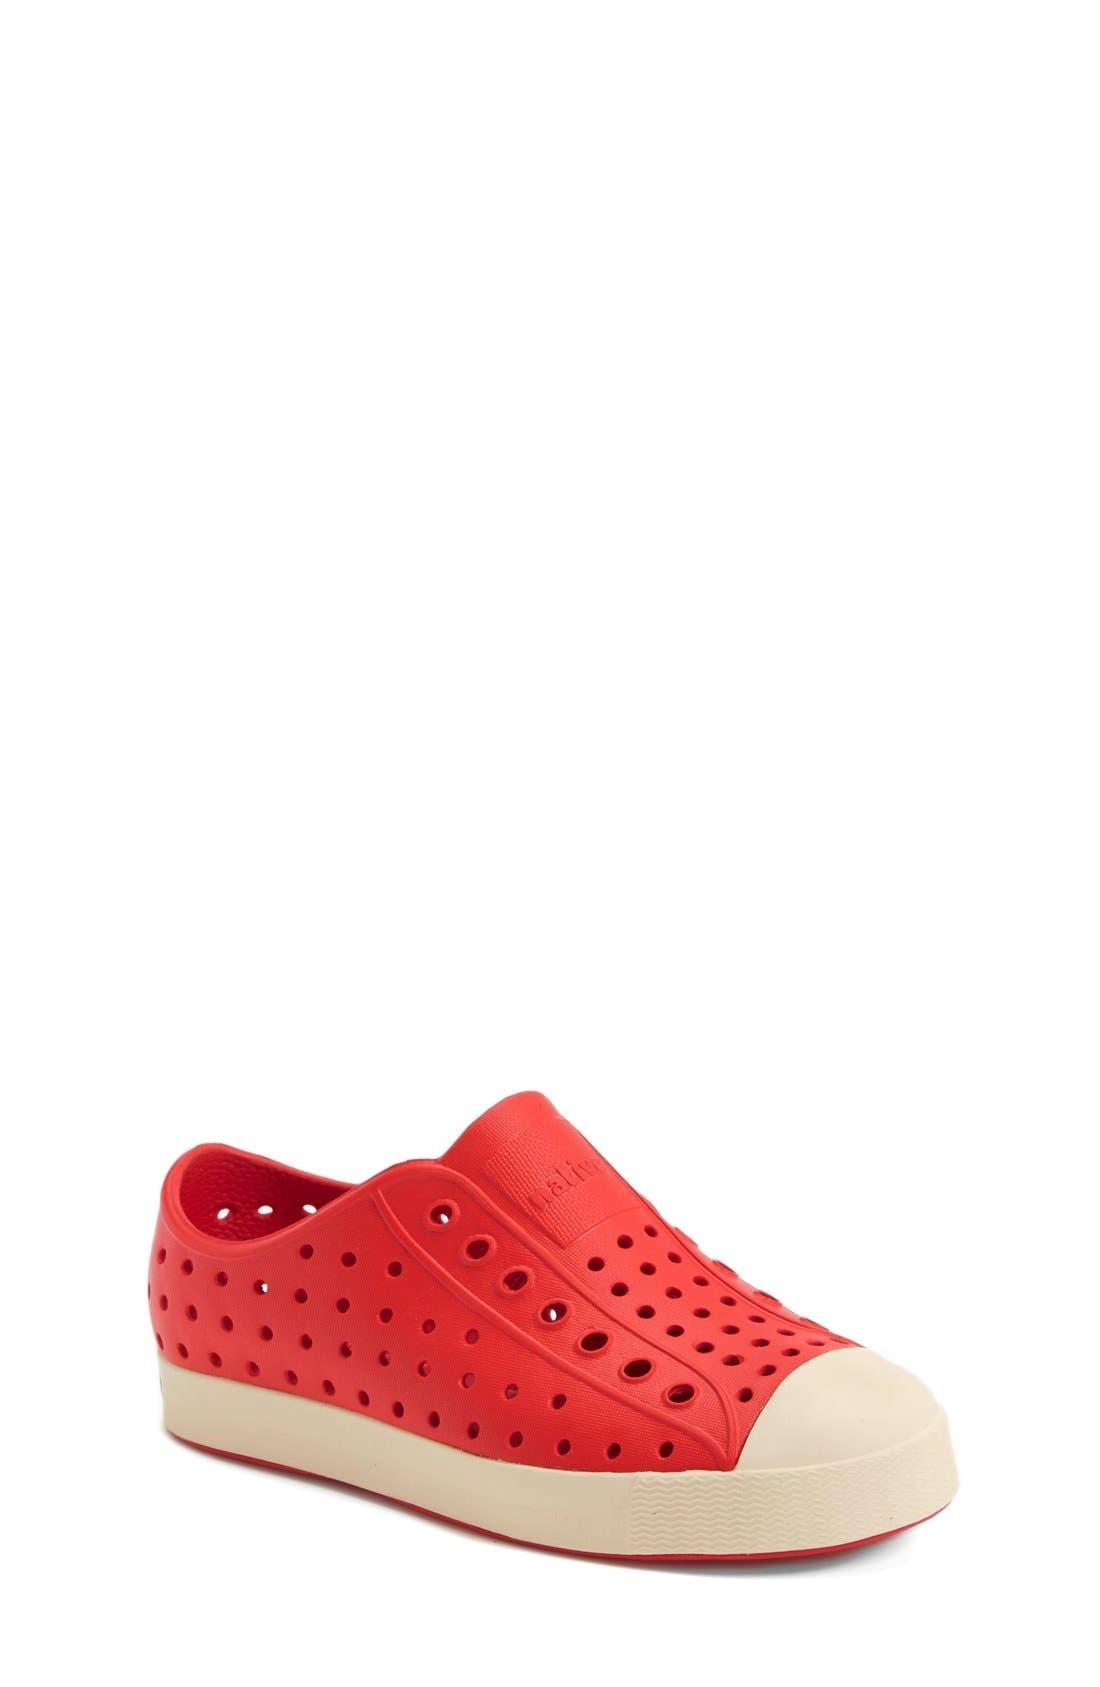 NATIVE SHOES 'Jefferson' Slip-On Sneaker